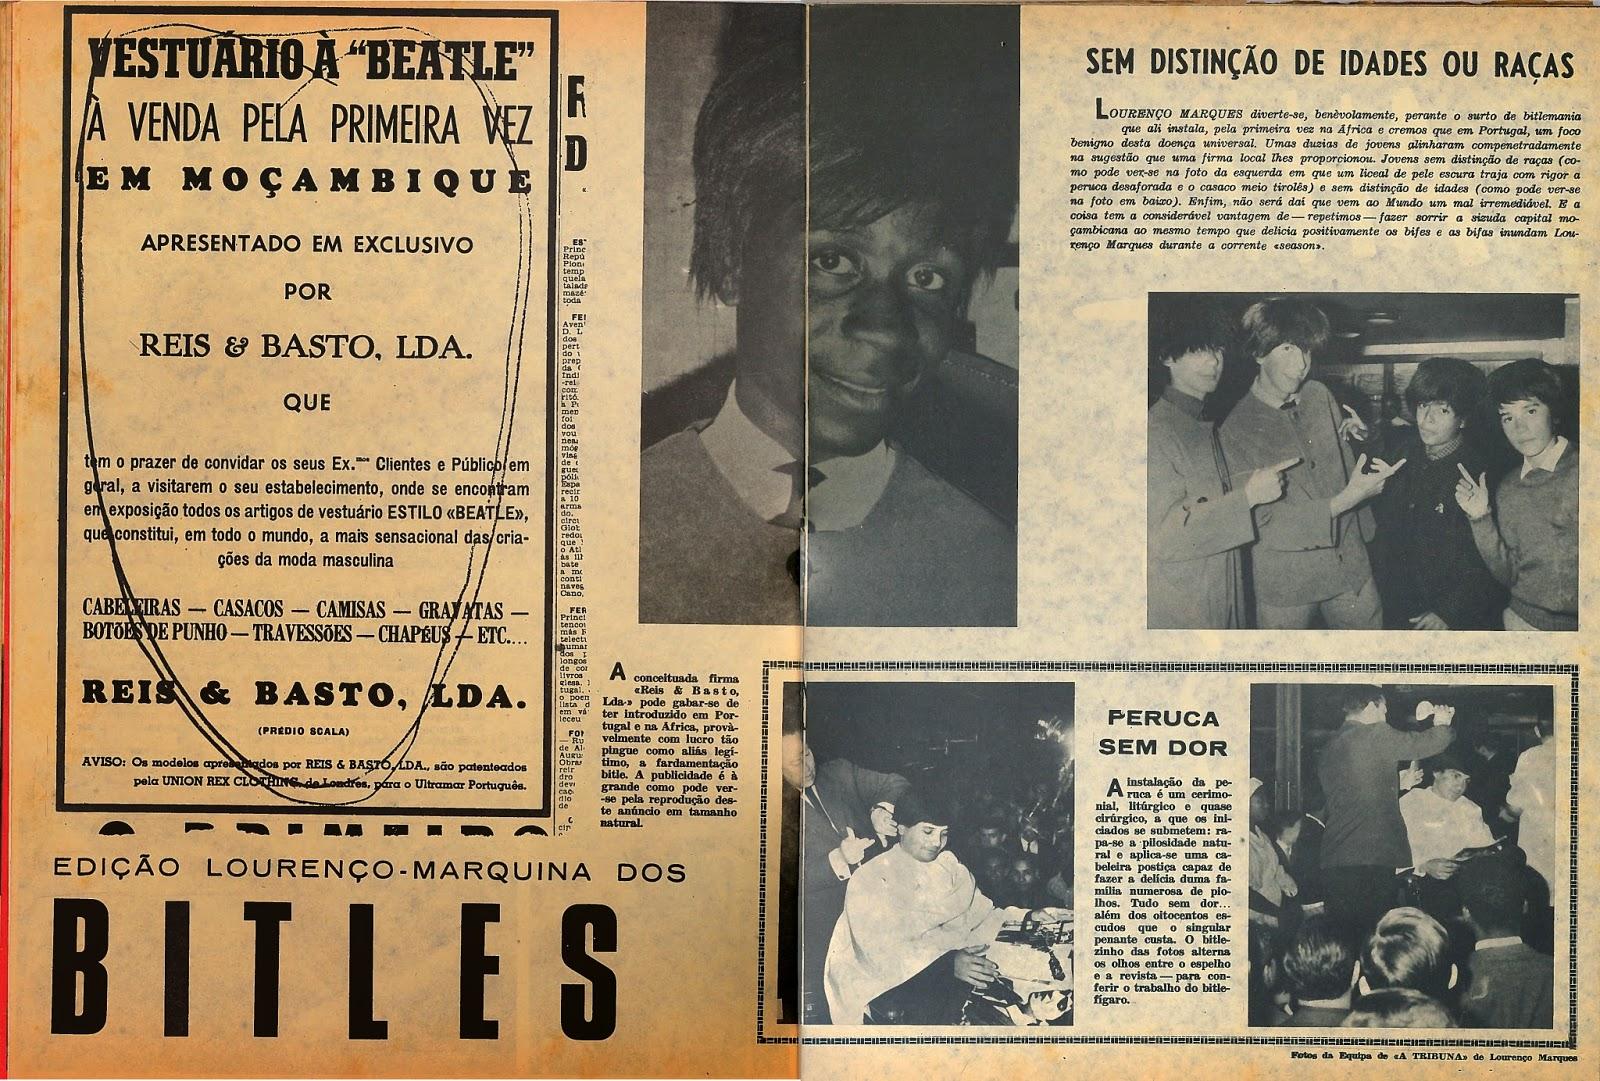 beatles forever not cia 25 de julho de 1964 a revista de angola que foi acompanhando os. Black Bedroom Furniture Sets. Home Design Ideas